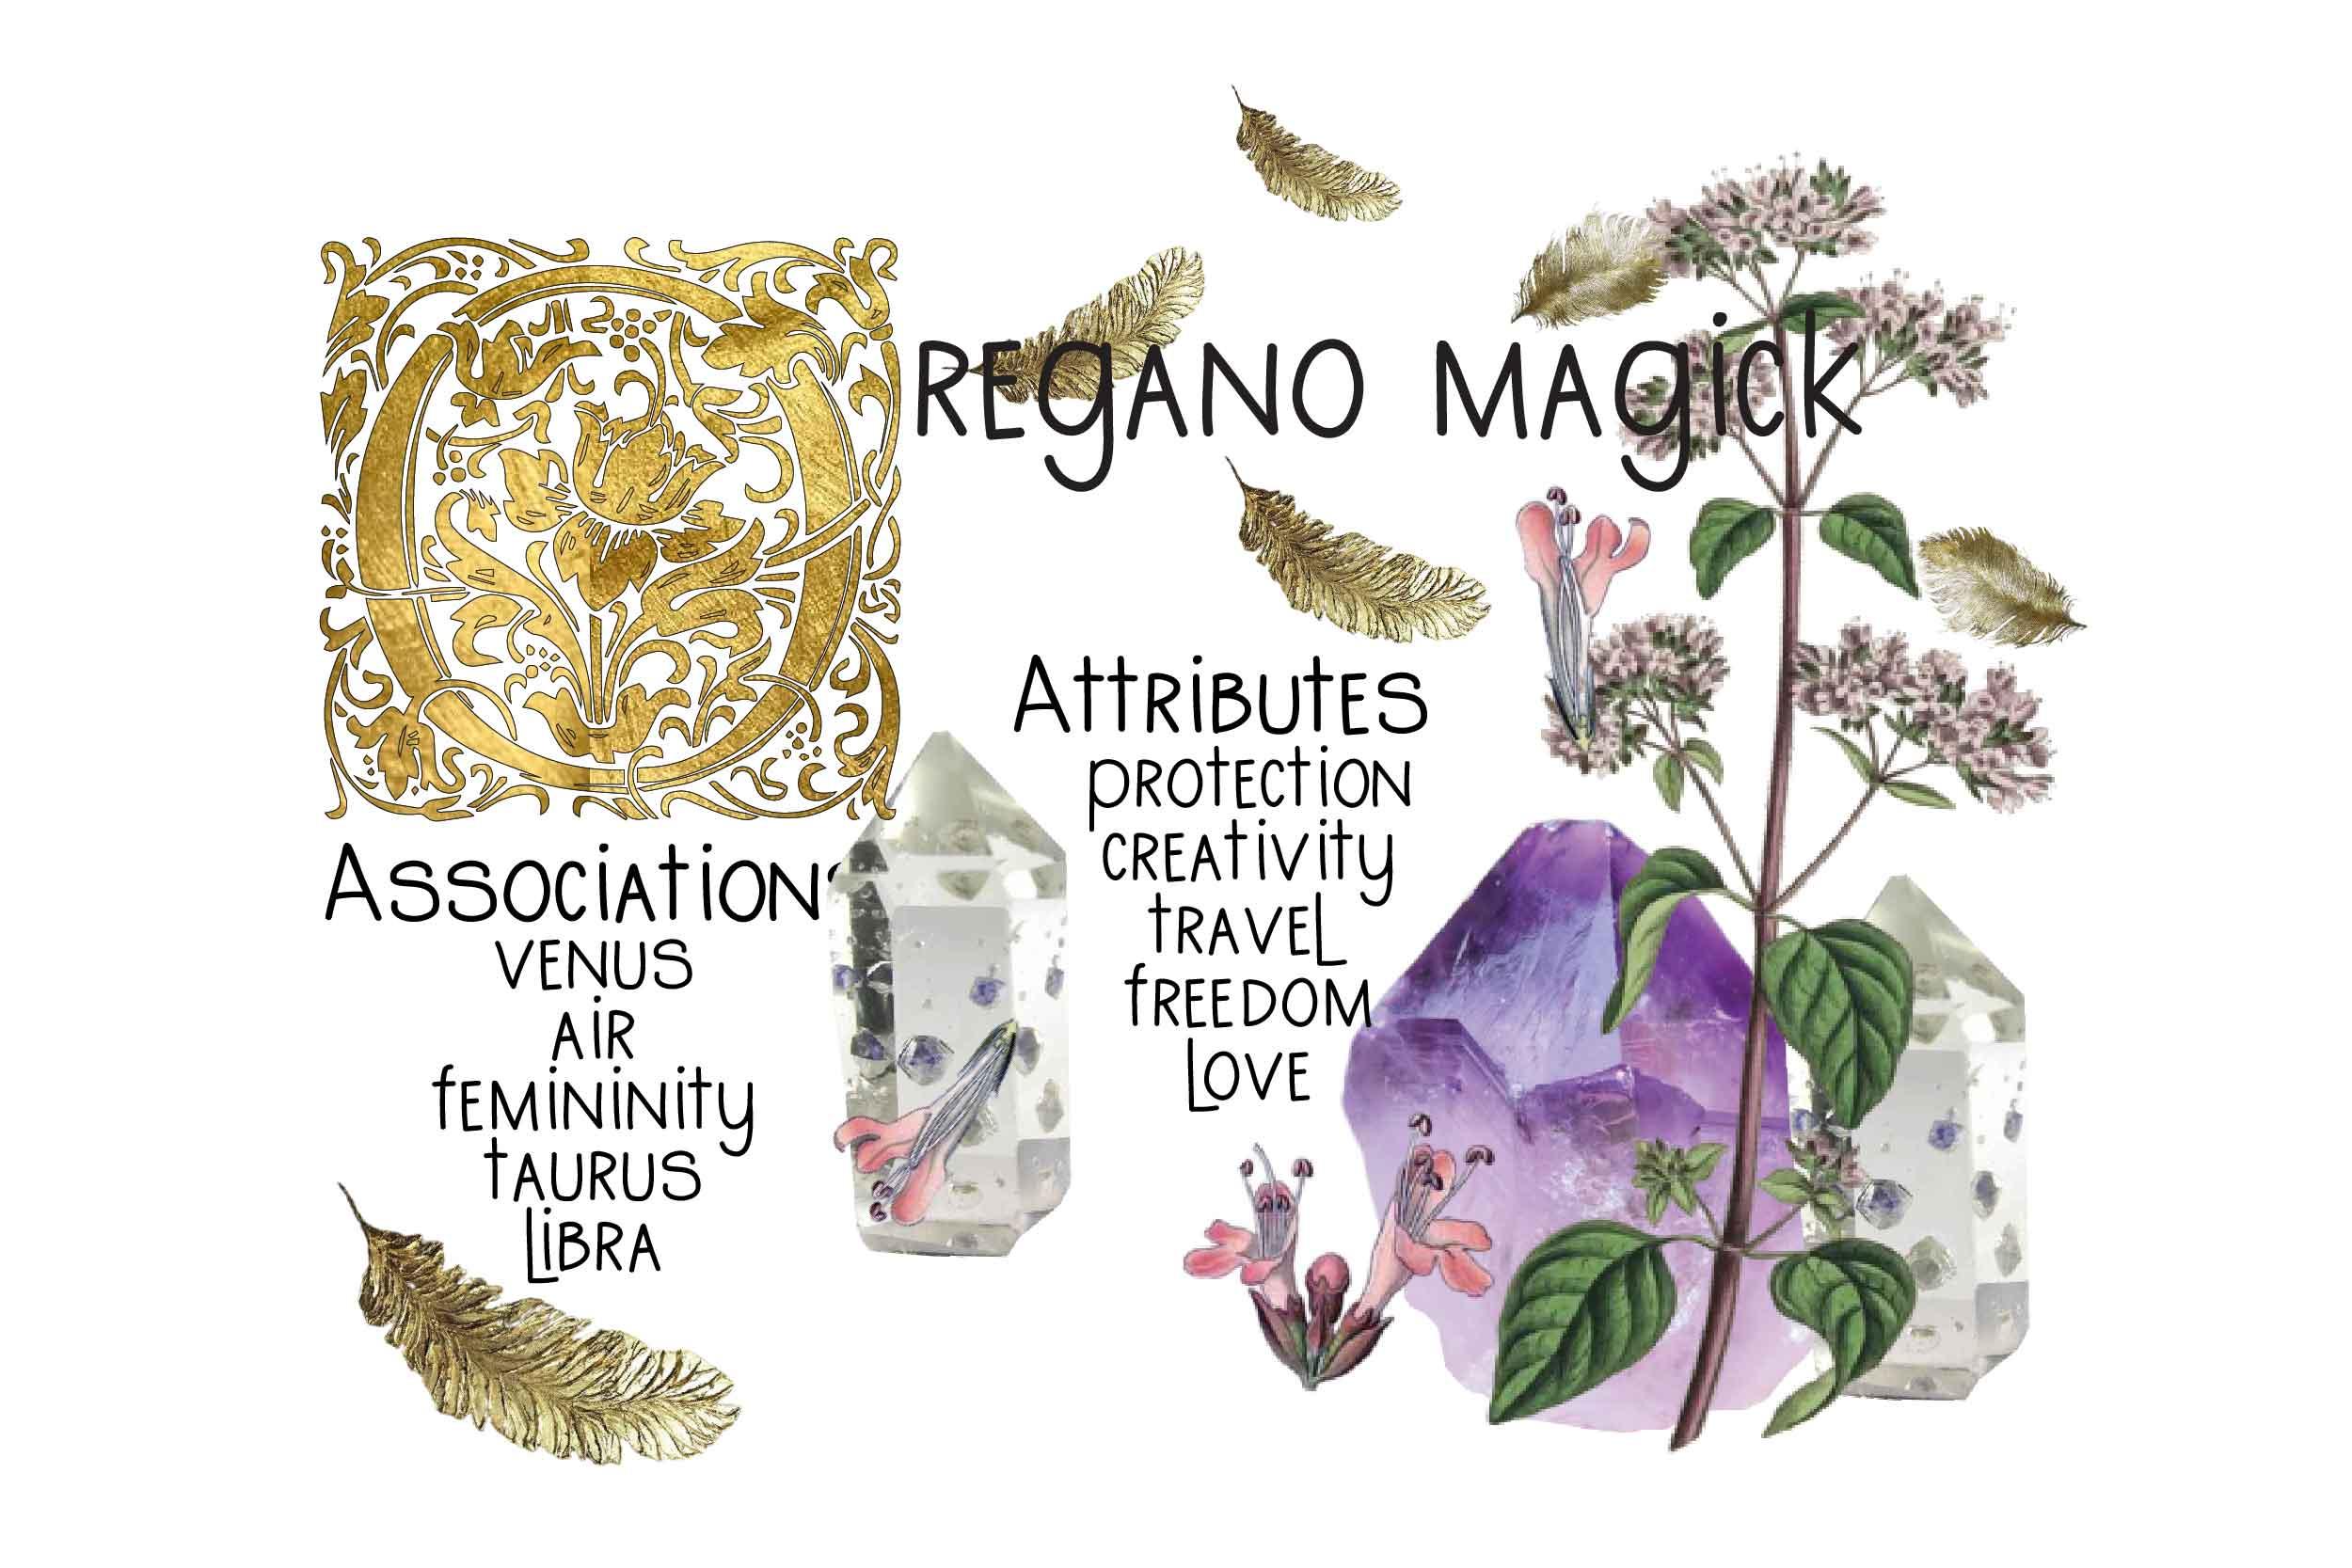 Oregano Magick